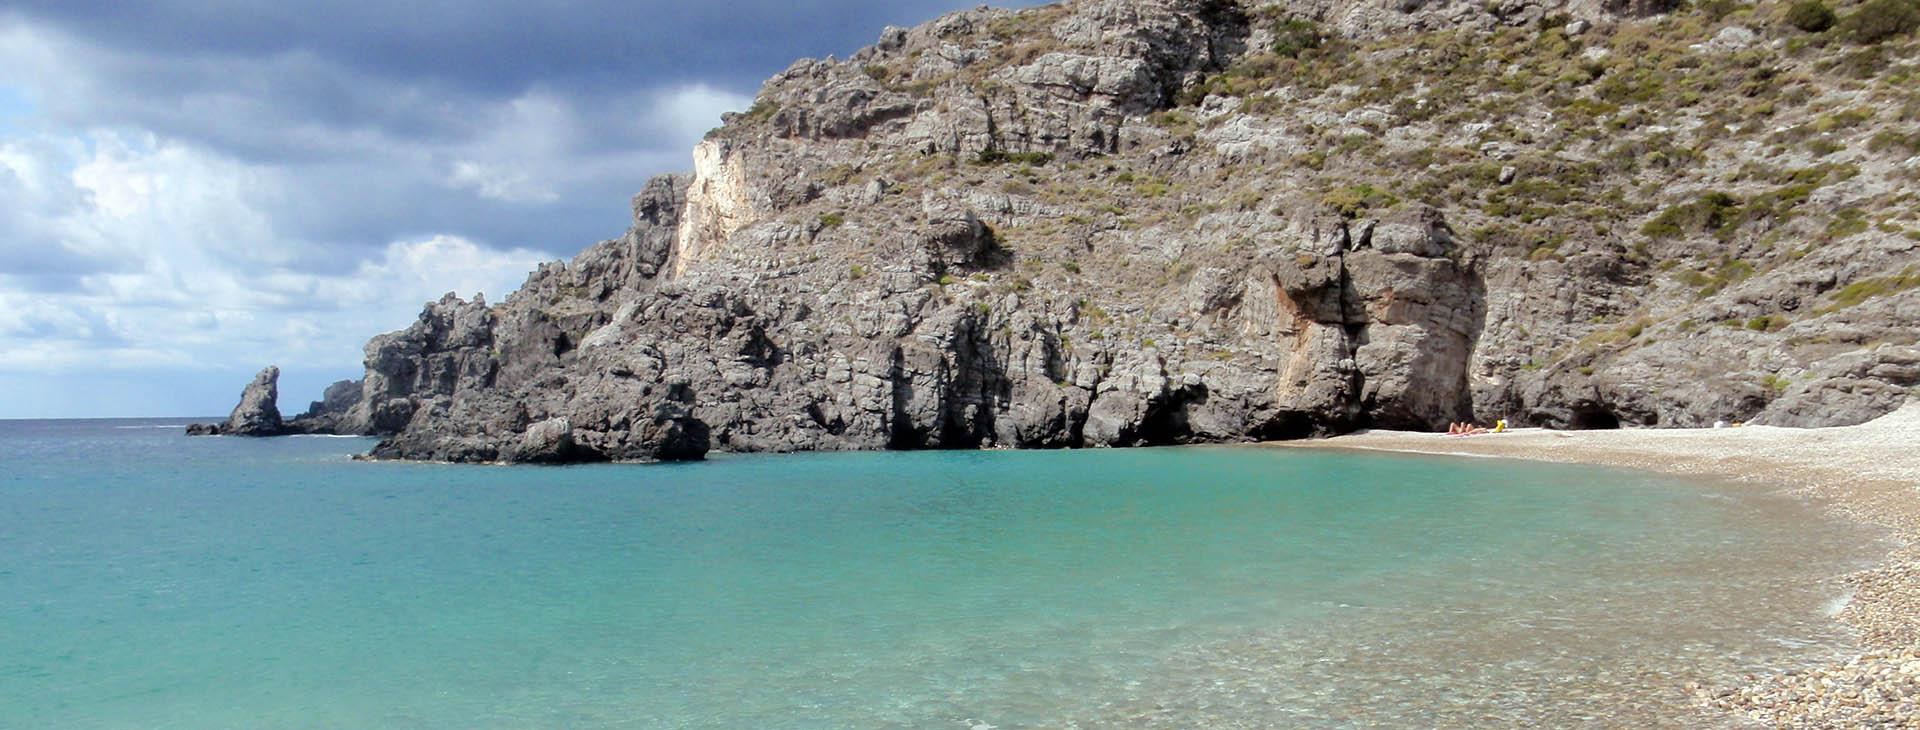 Halkos beach, Kythira island